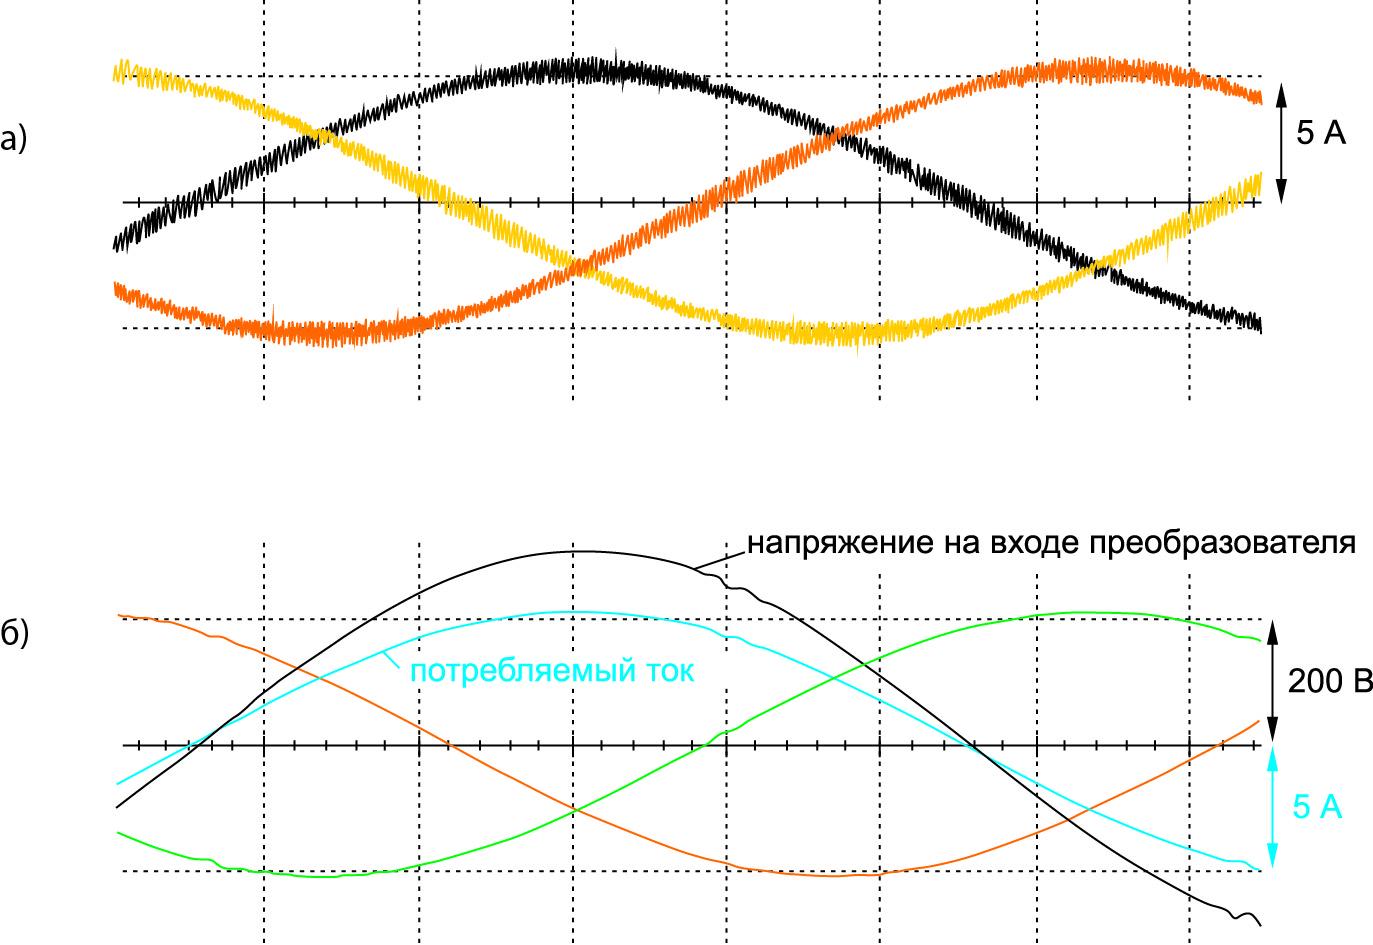 Осциллограммы токов в реакторах входного фильтра (а), осциллограммы входного напряжения преобразователя и потребляемого тока (б) зарядного преобразователя с активным выпрямителем (вариант 3)